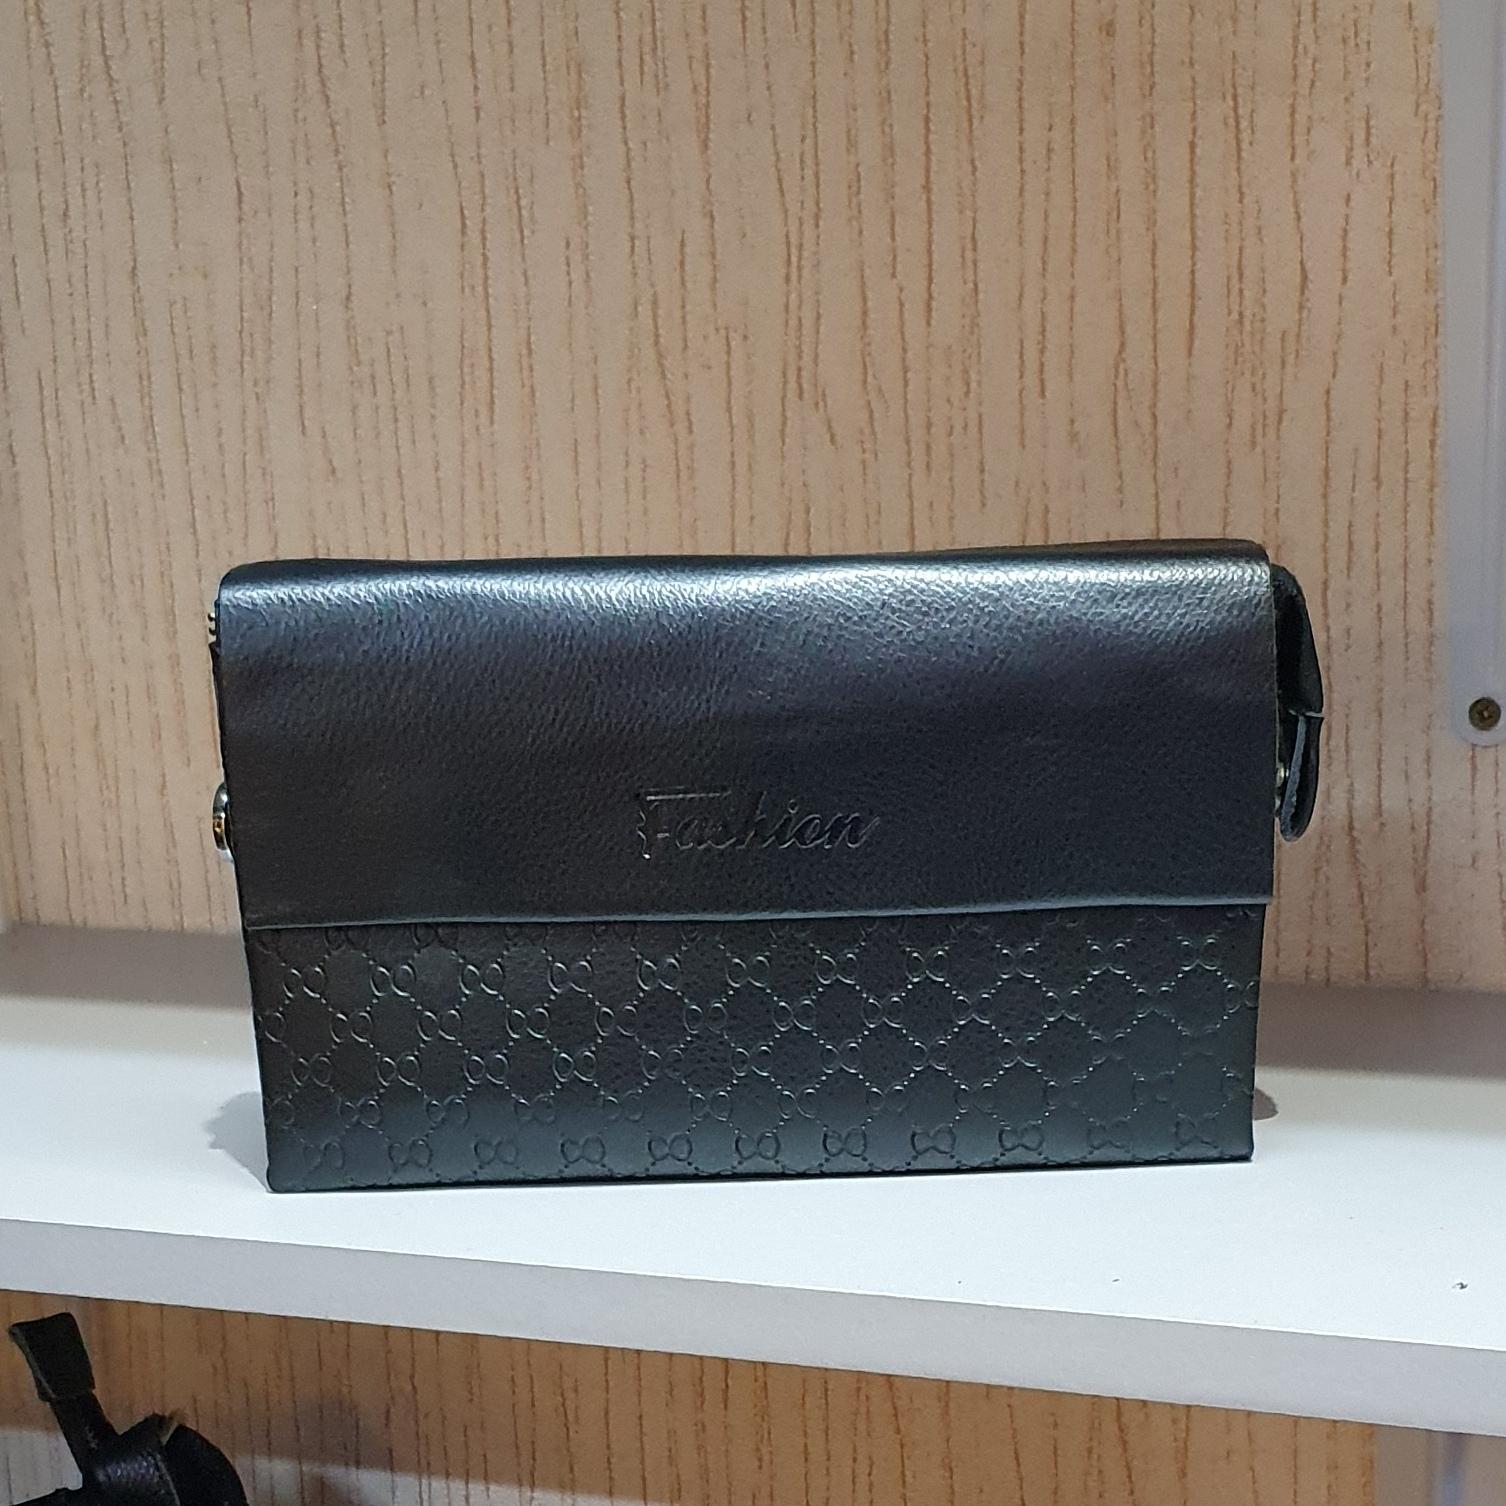 Недорогой мужской клатч «Fashion» из гладкой чёрной экокожи купить. Цена 585 грн